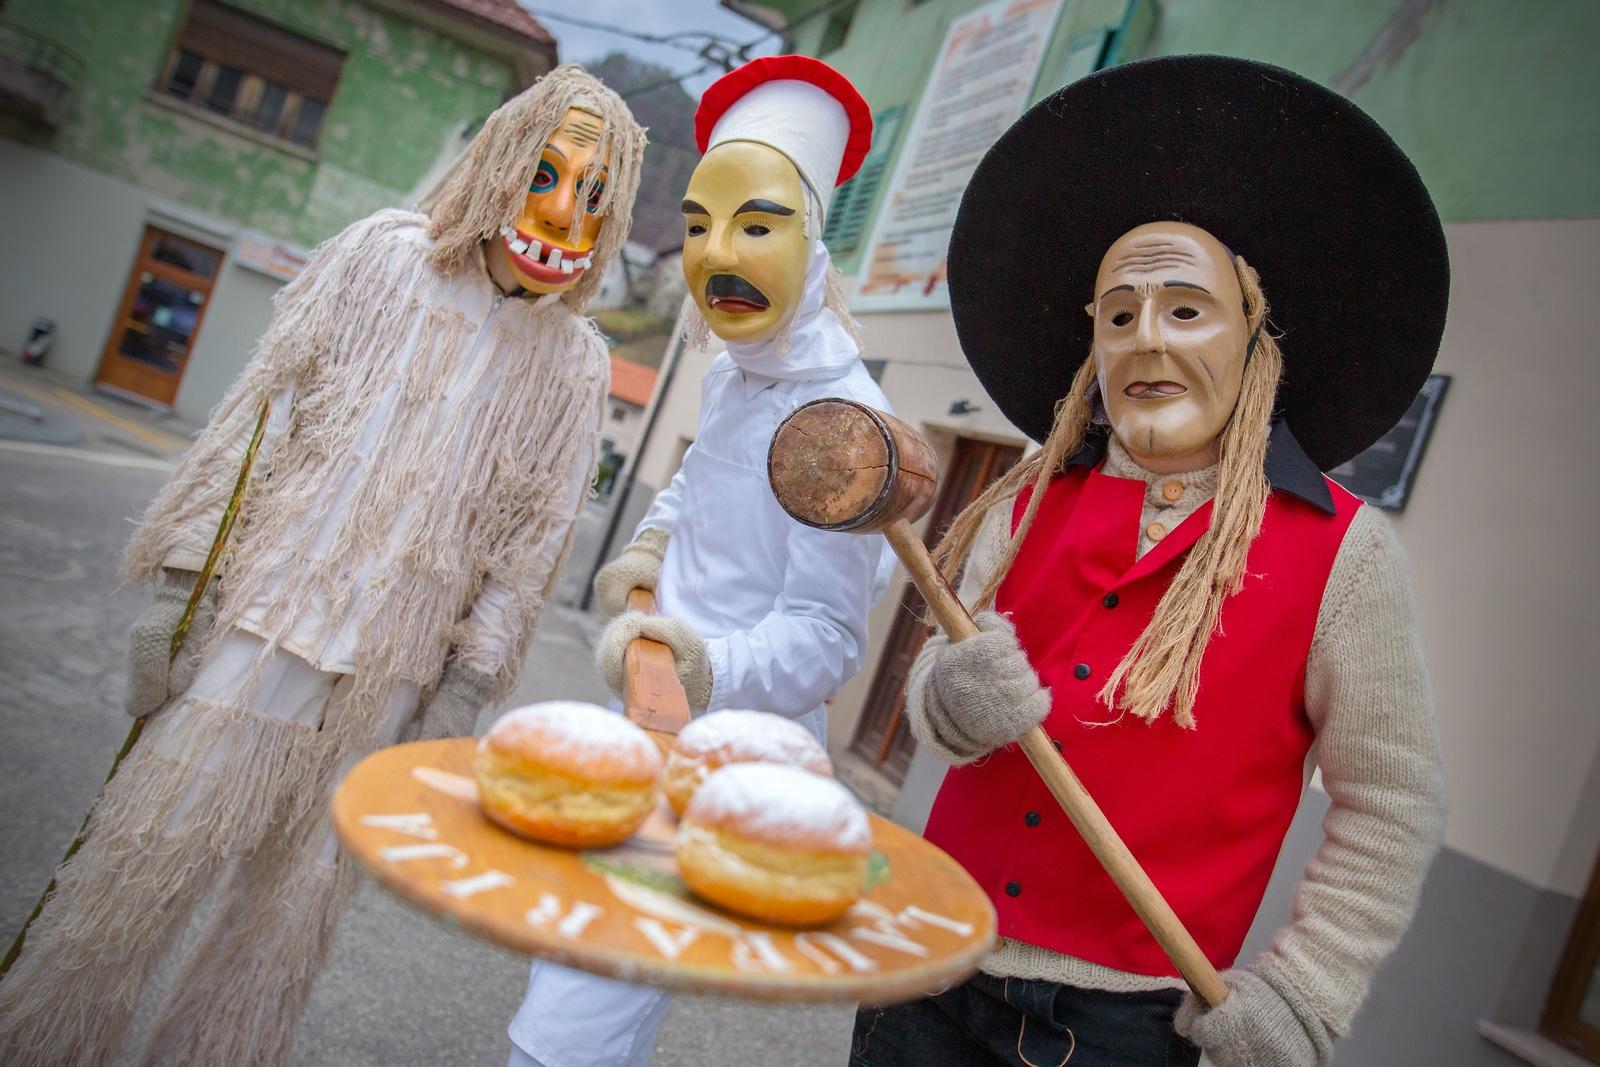 Carnaval de Cerkno - laufarji, www.slovenia.info, Avtor: Matej Vranic, Fotokom